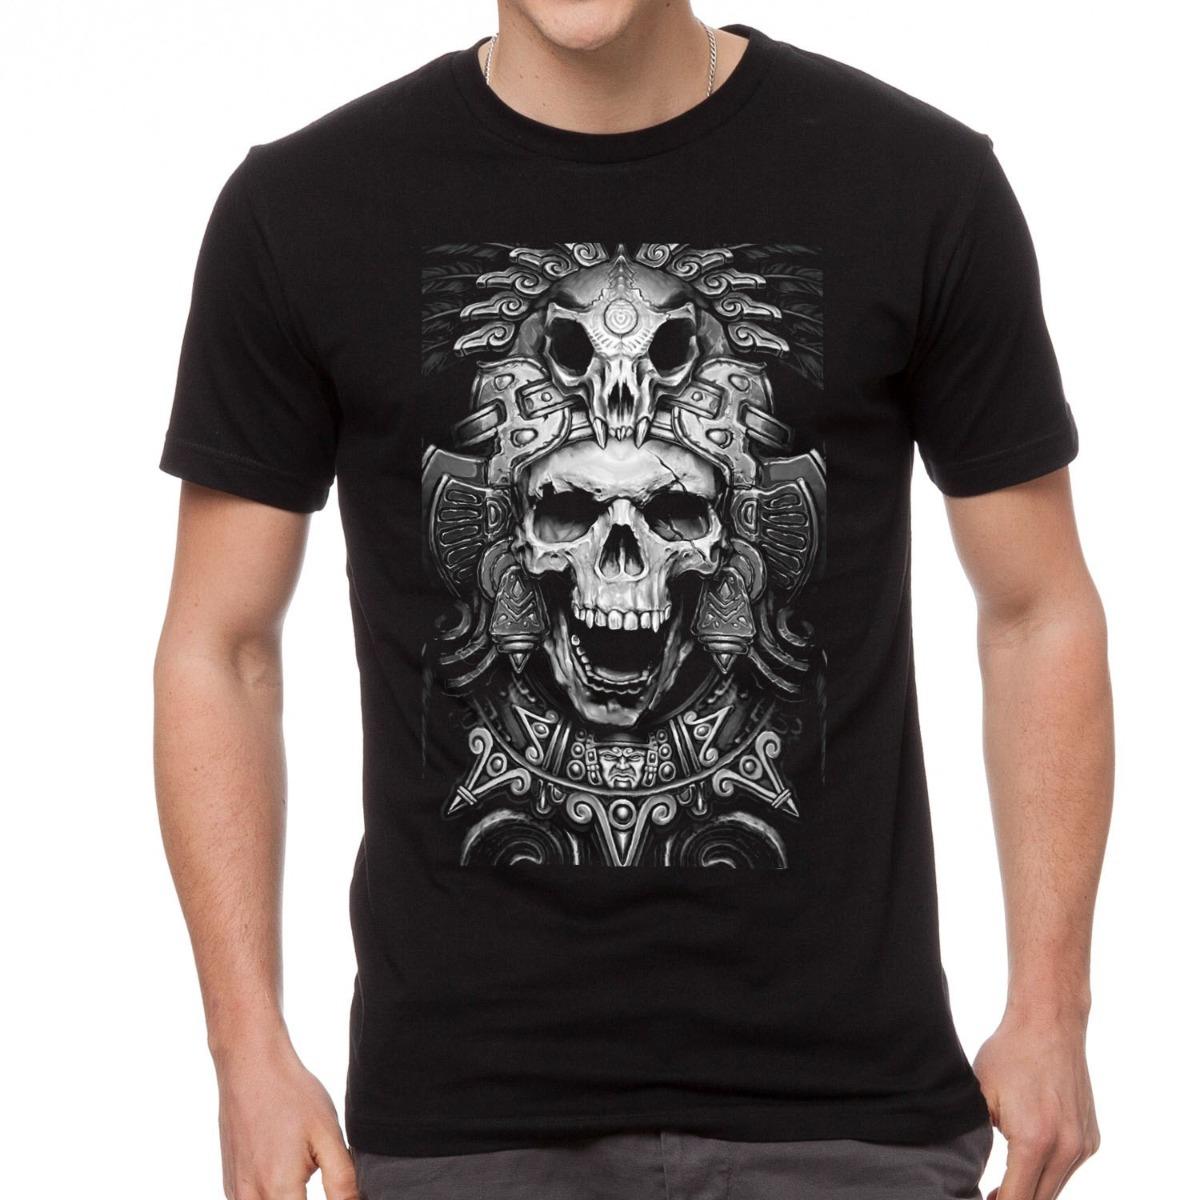 abd04c57a camiseta caveira skull estampada exclusiva masculina vintage. Carregando  zoom.